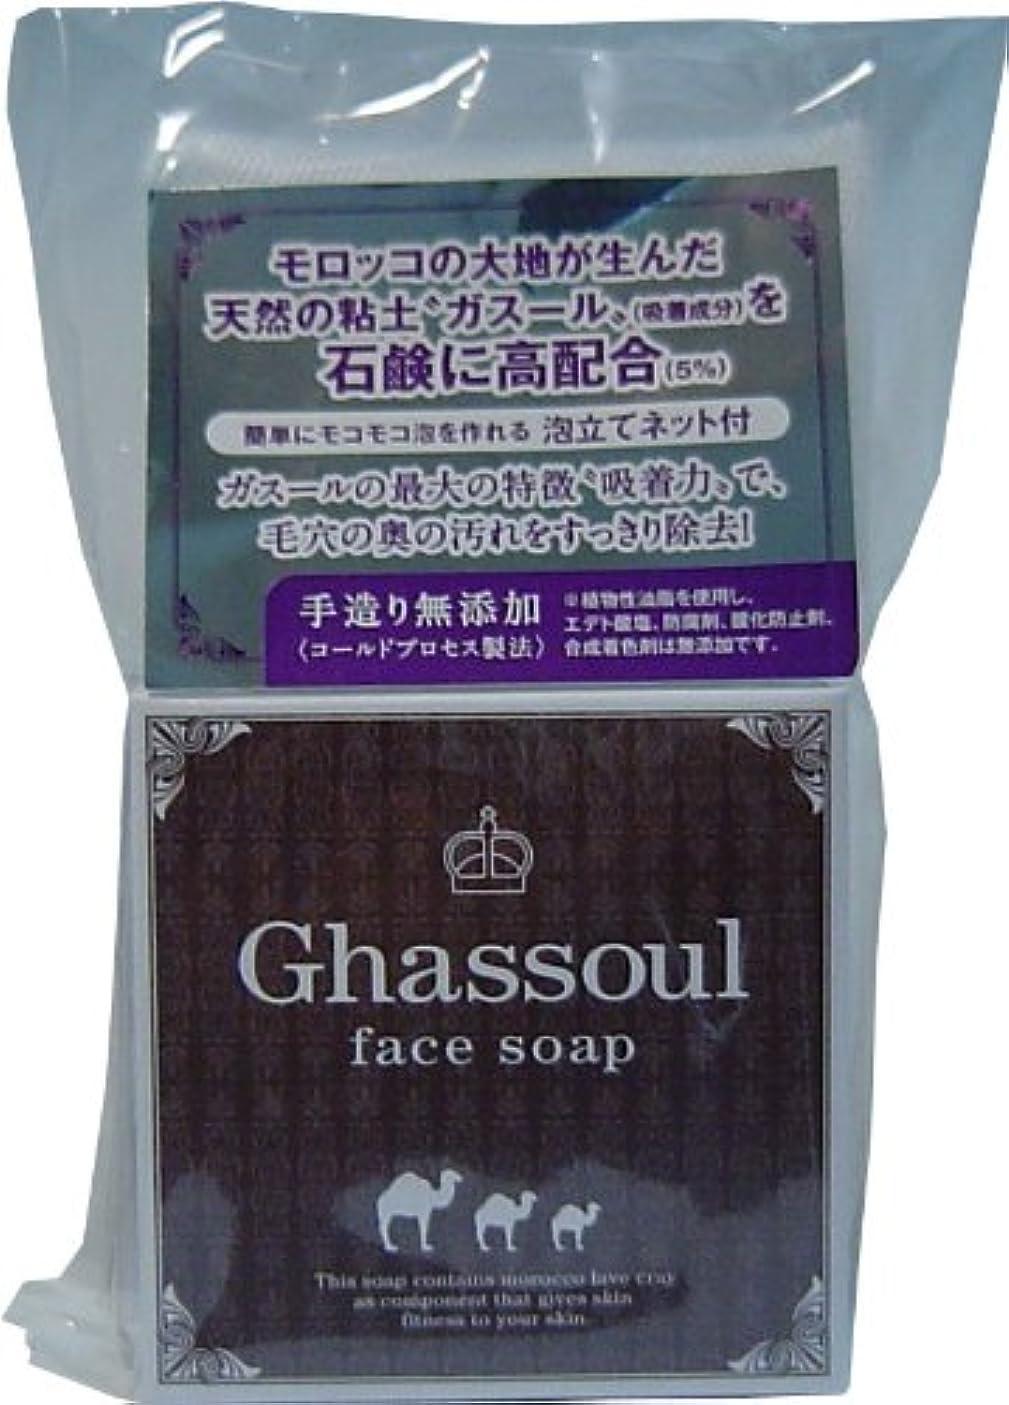 悪いに対して困惑するGhassoul face soap ガスールフェイスソープ 100g ×10個セット